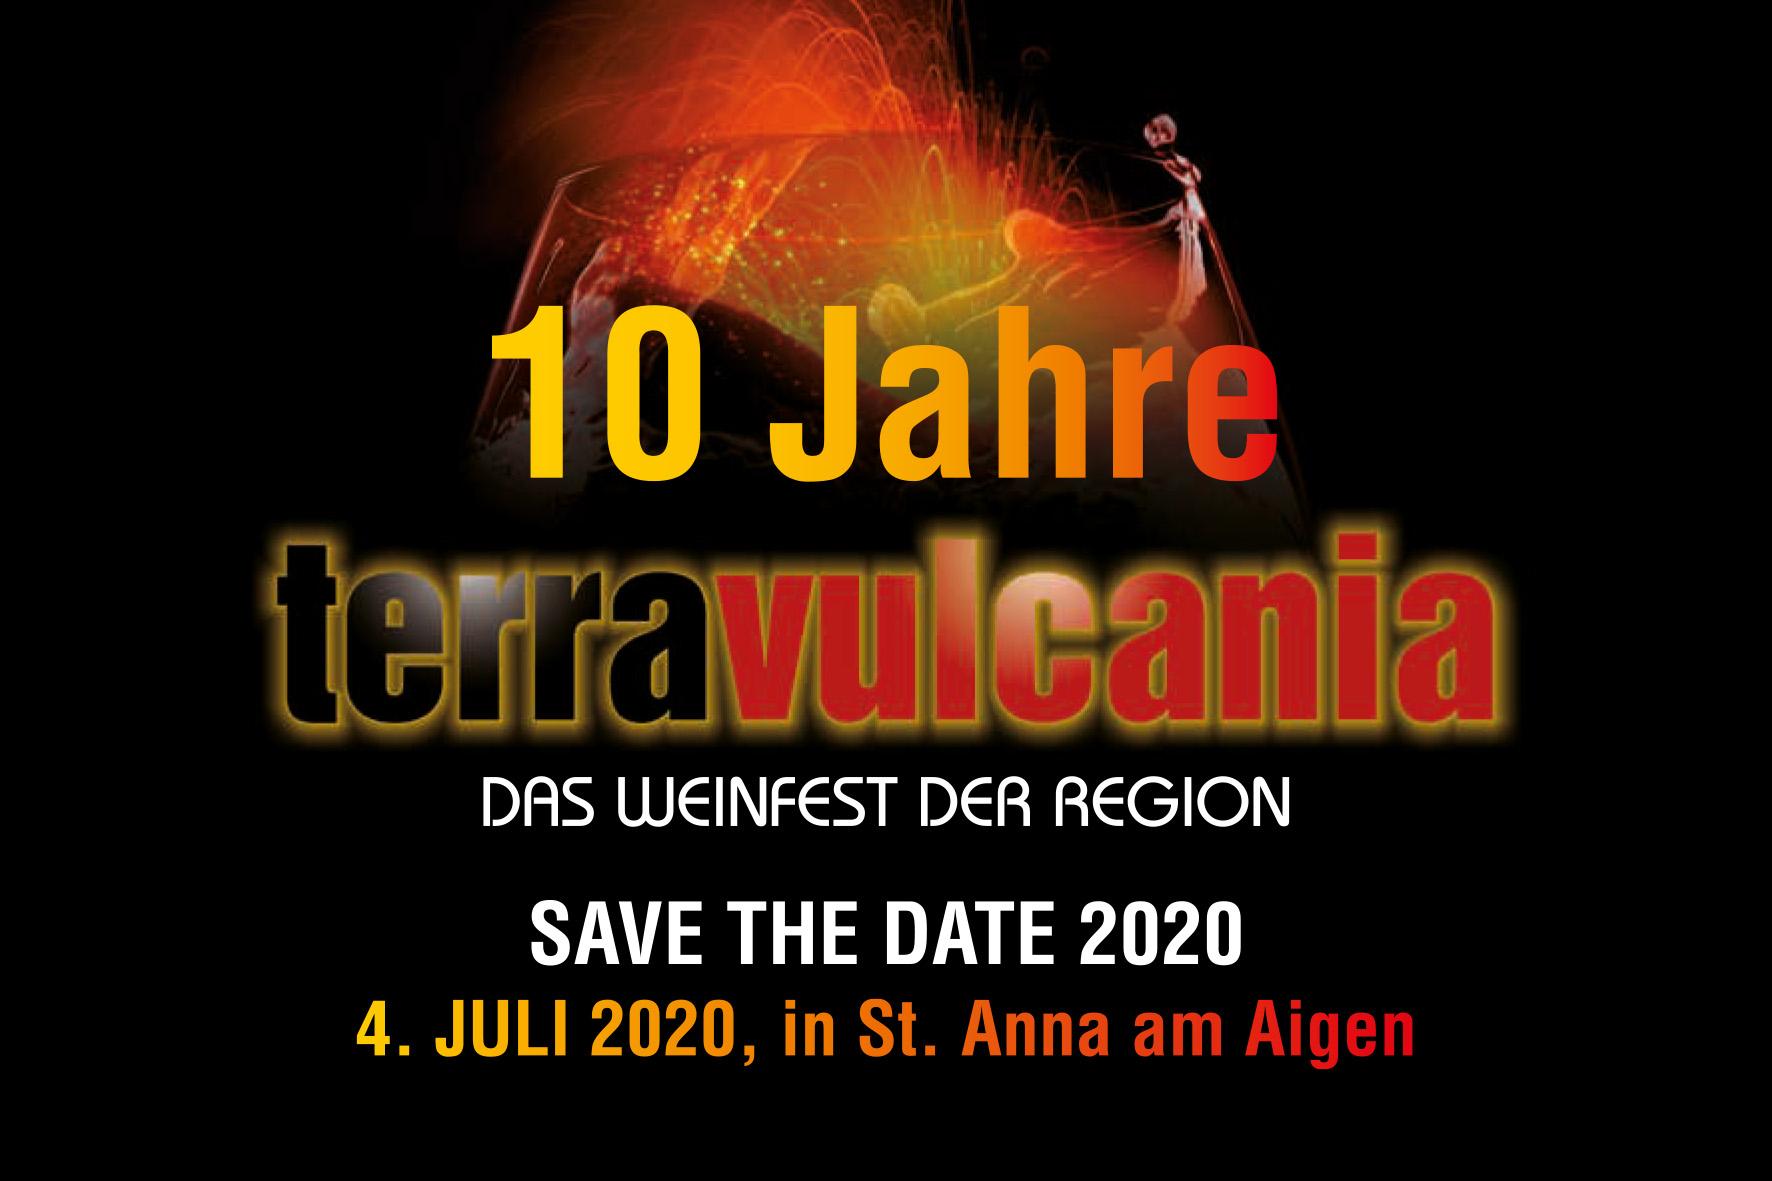 10 Jahre Terravulcania in St. Anna am Aigen